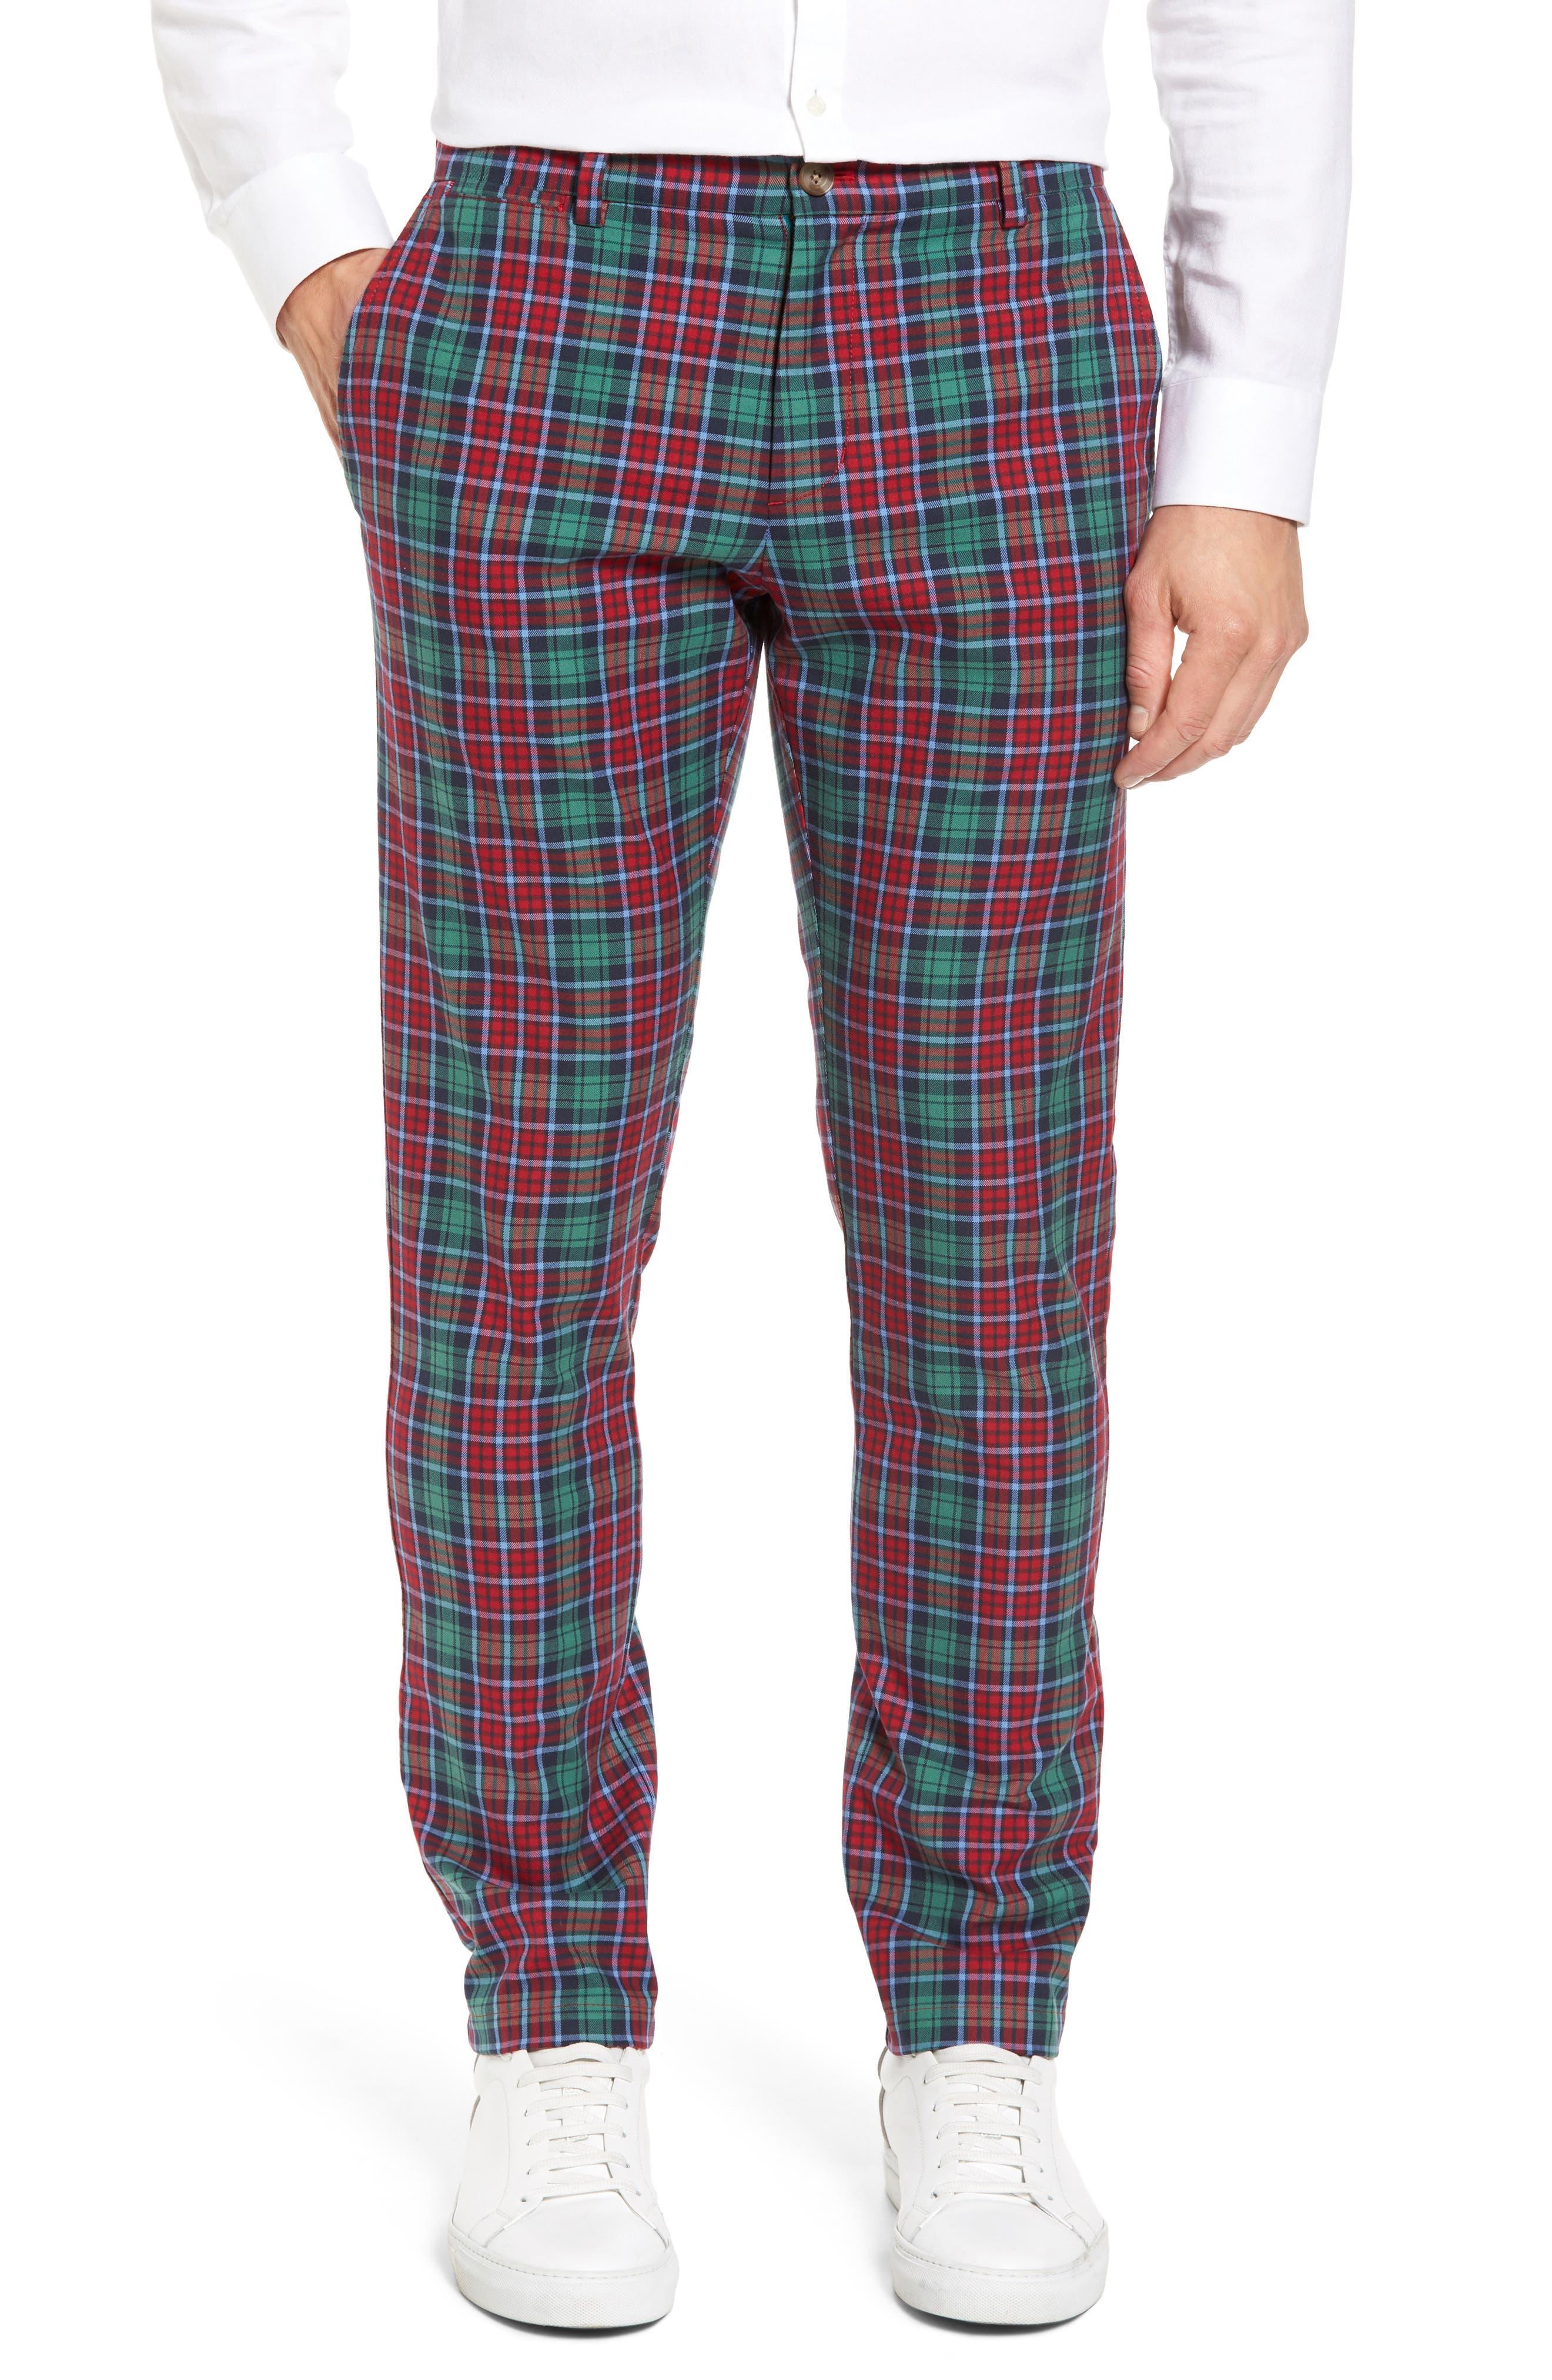 Leddy Park Slim Plaid Pants,                         Main,                         color, 342